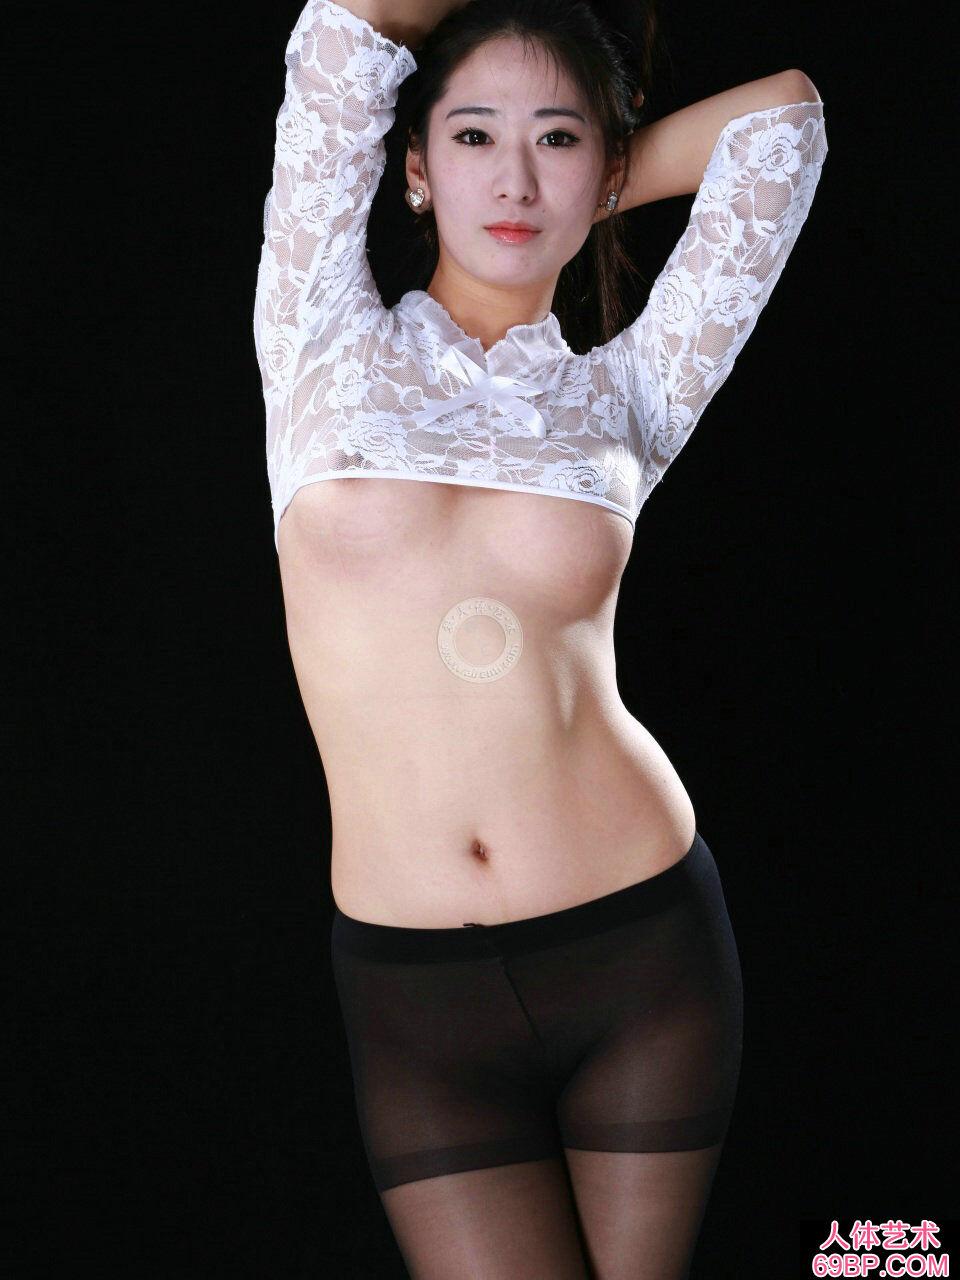 苗条的人体美模阿芸穿蕾丝内裤室拍人体_美女艺术图片